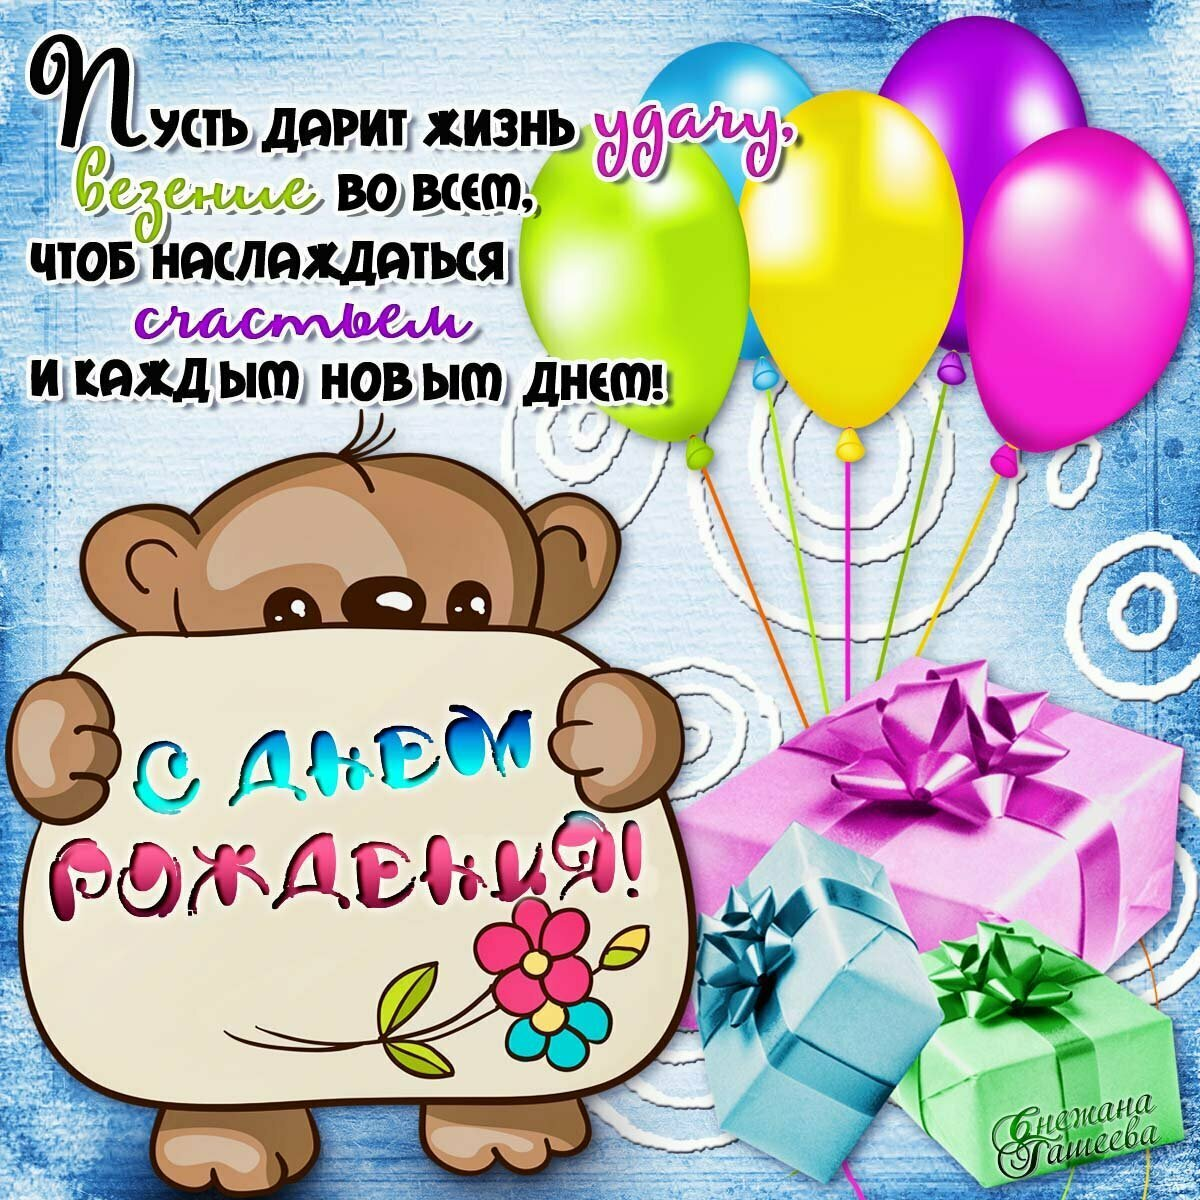 Самое веселое поздравления с днем рождения девушке